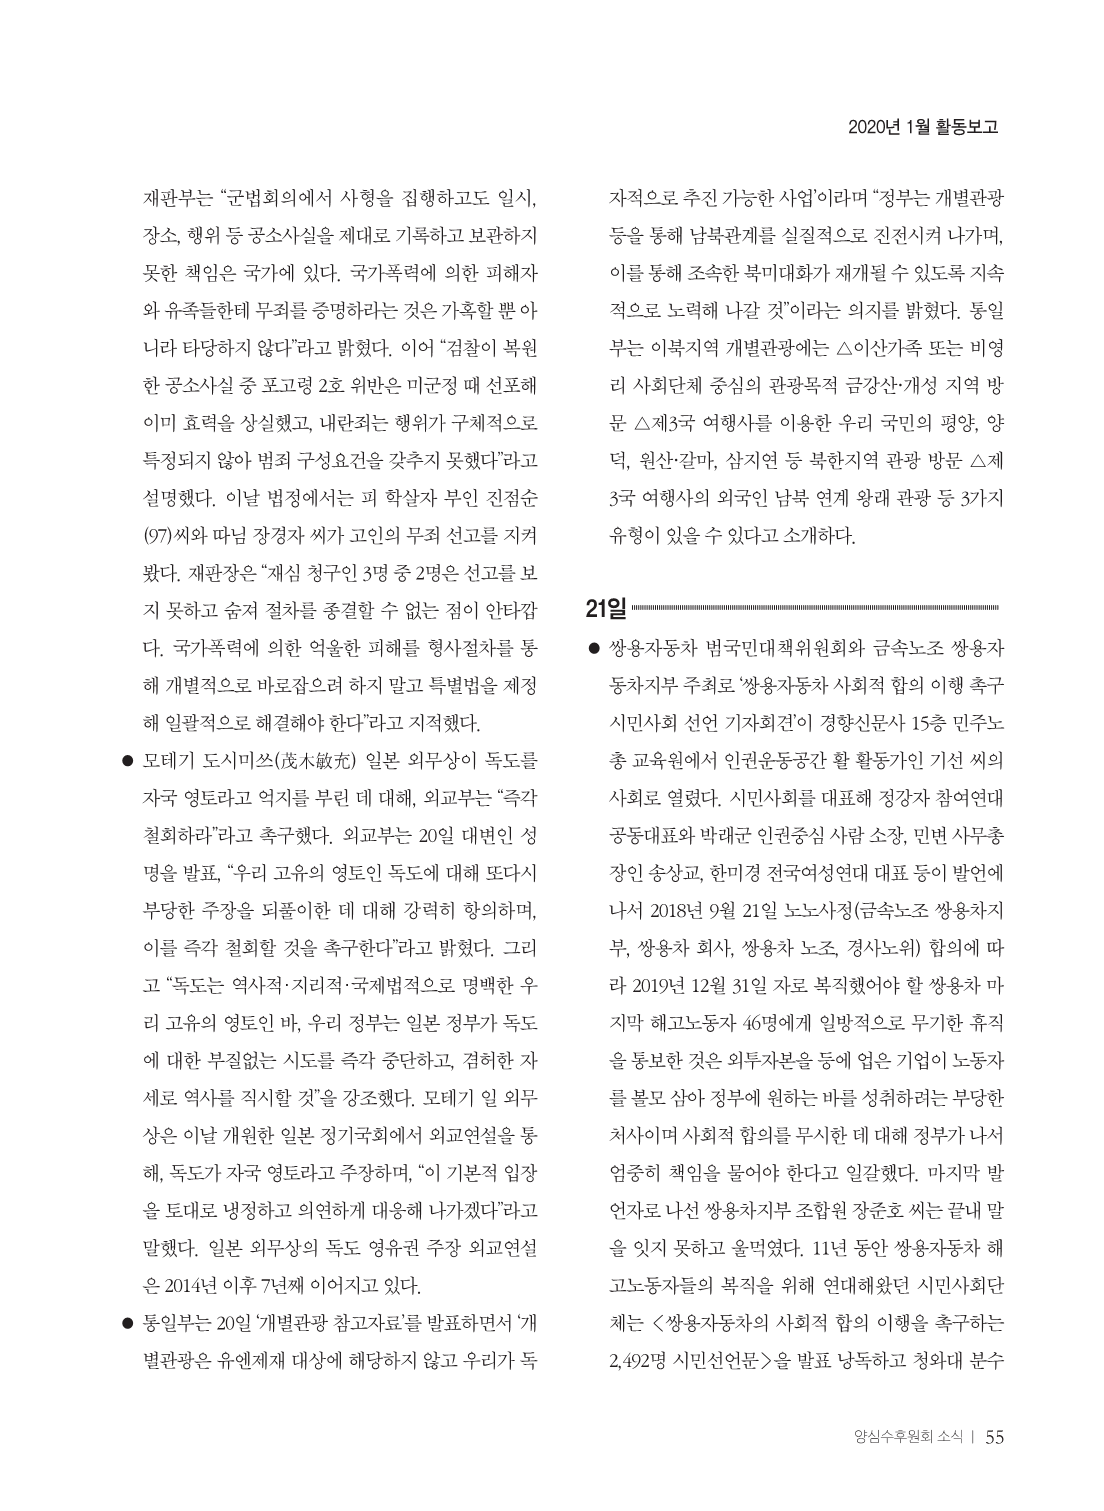 c3a550e7-2d95-46c0-bdec-64c56104ebf4.pdf-0057.png